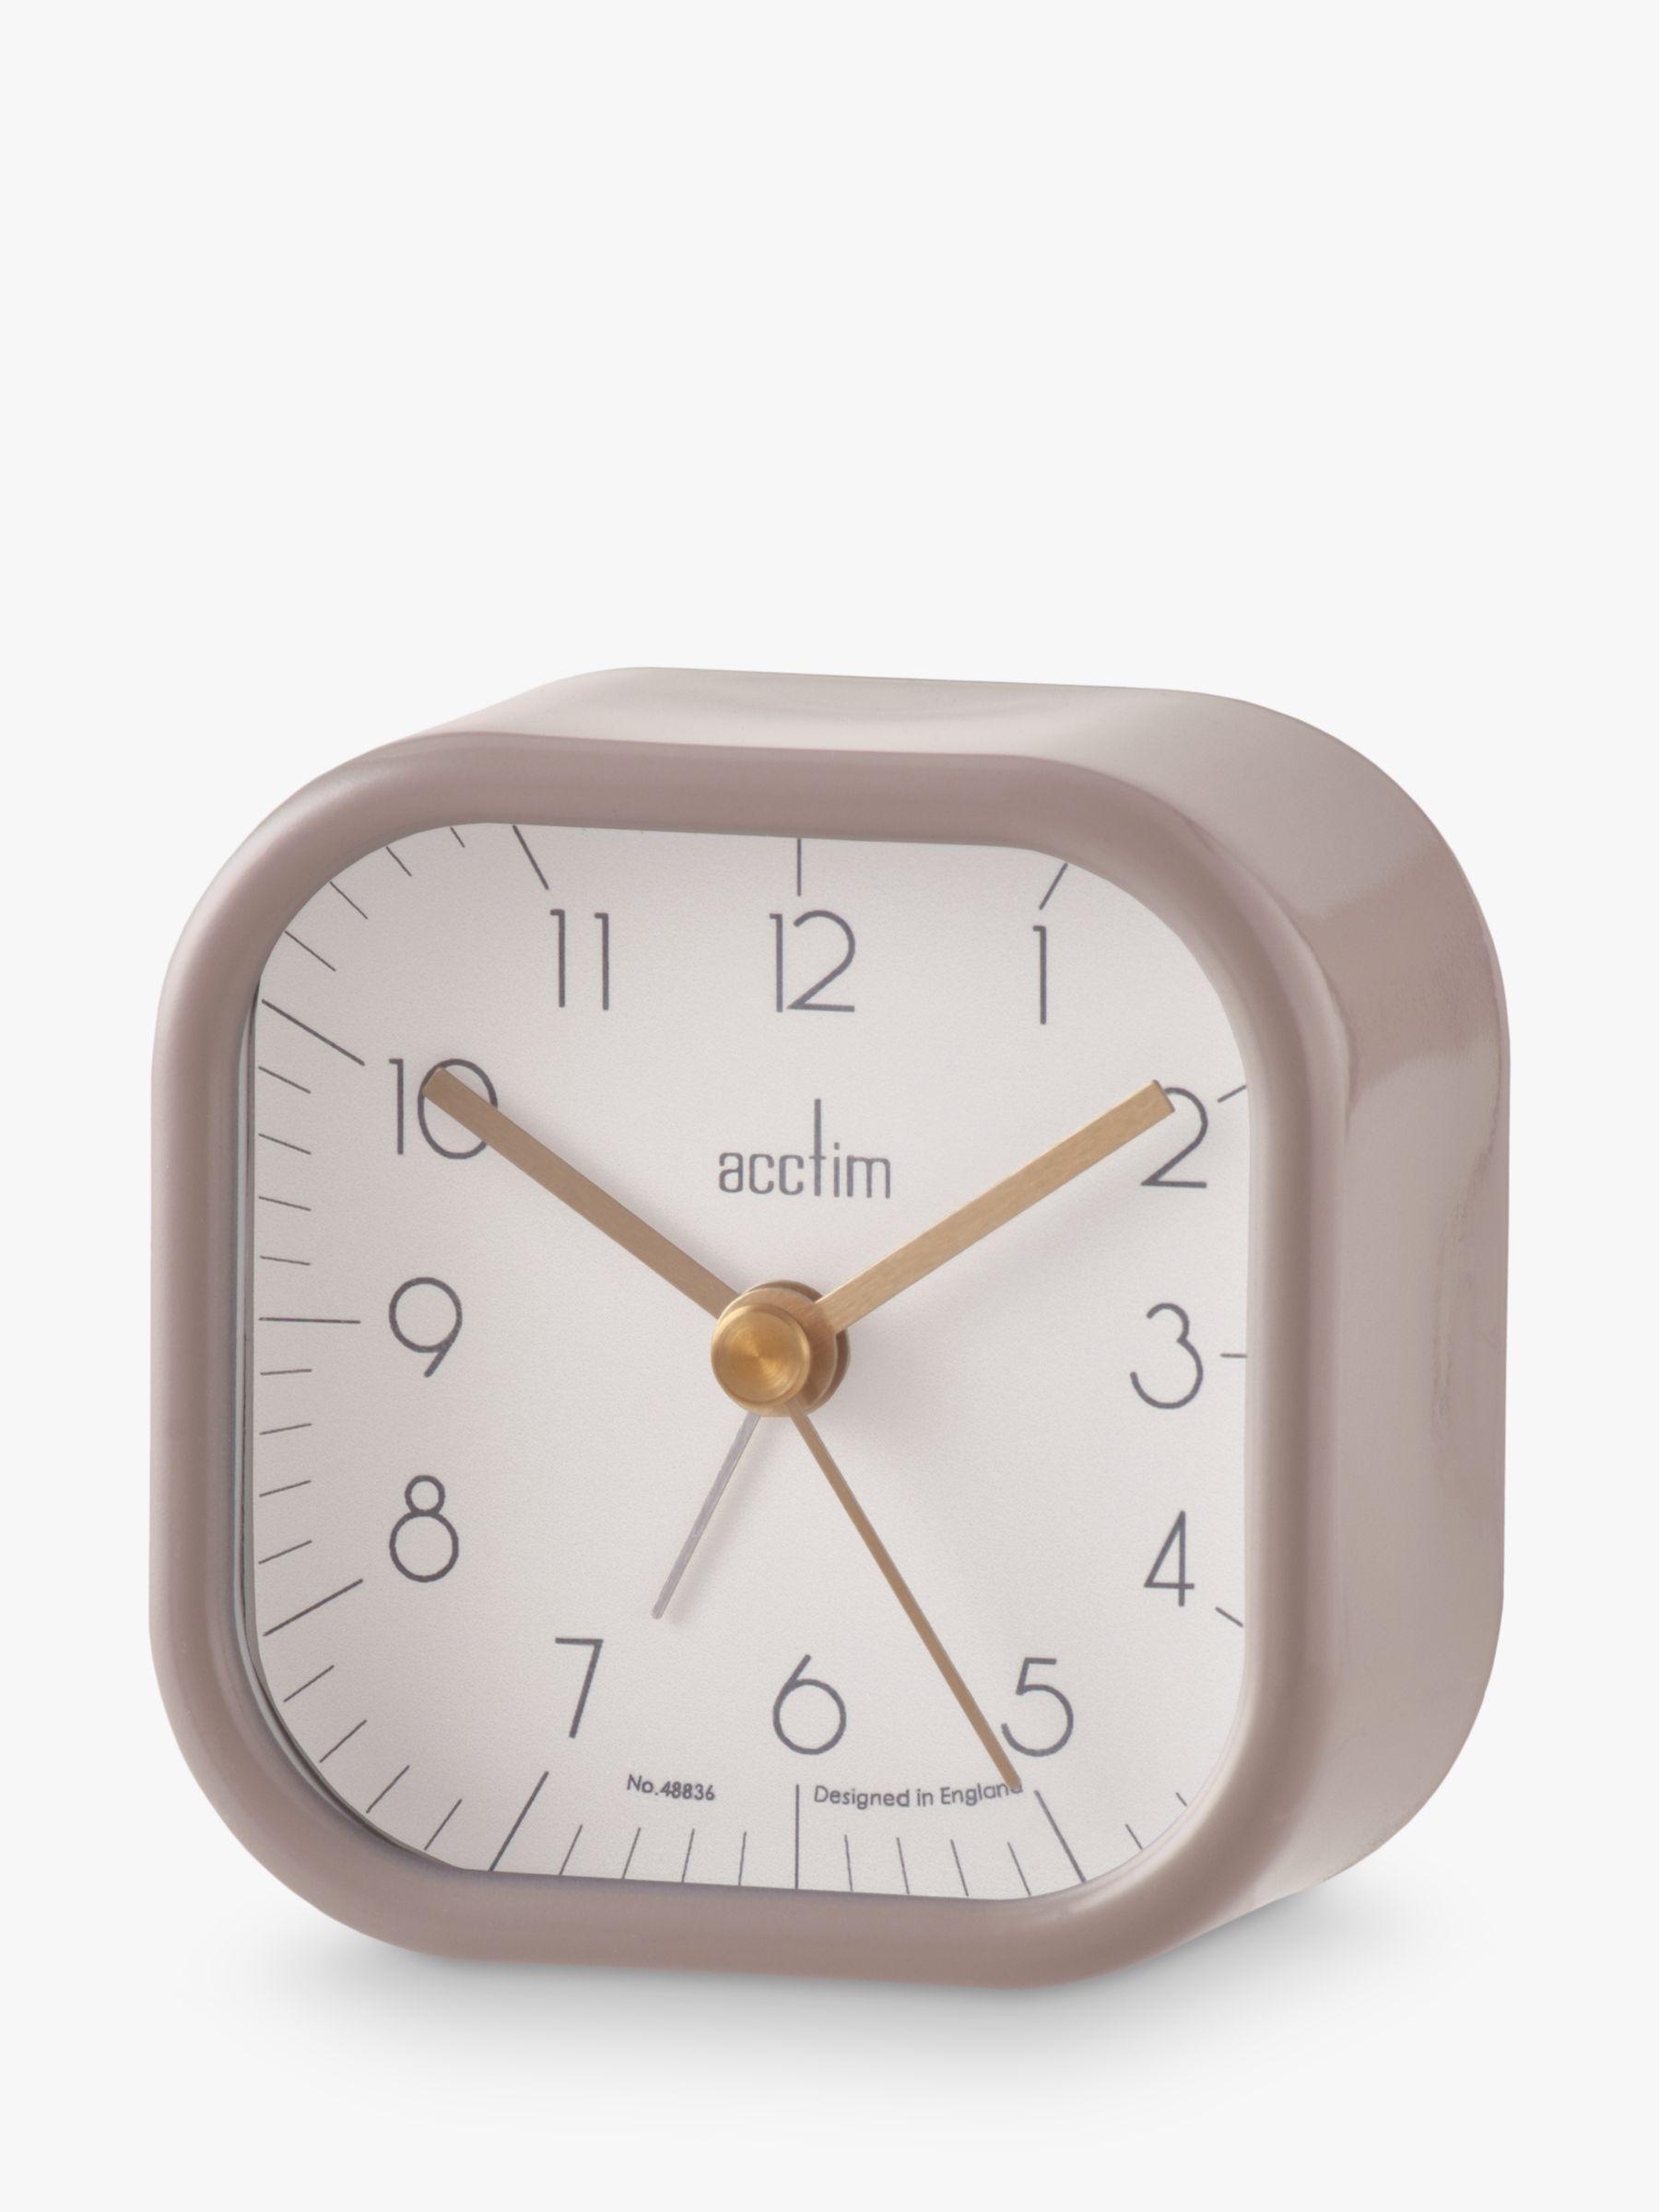 Acctim Acctim Zak Analogue Alarm Clock, 7cm